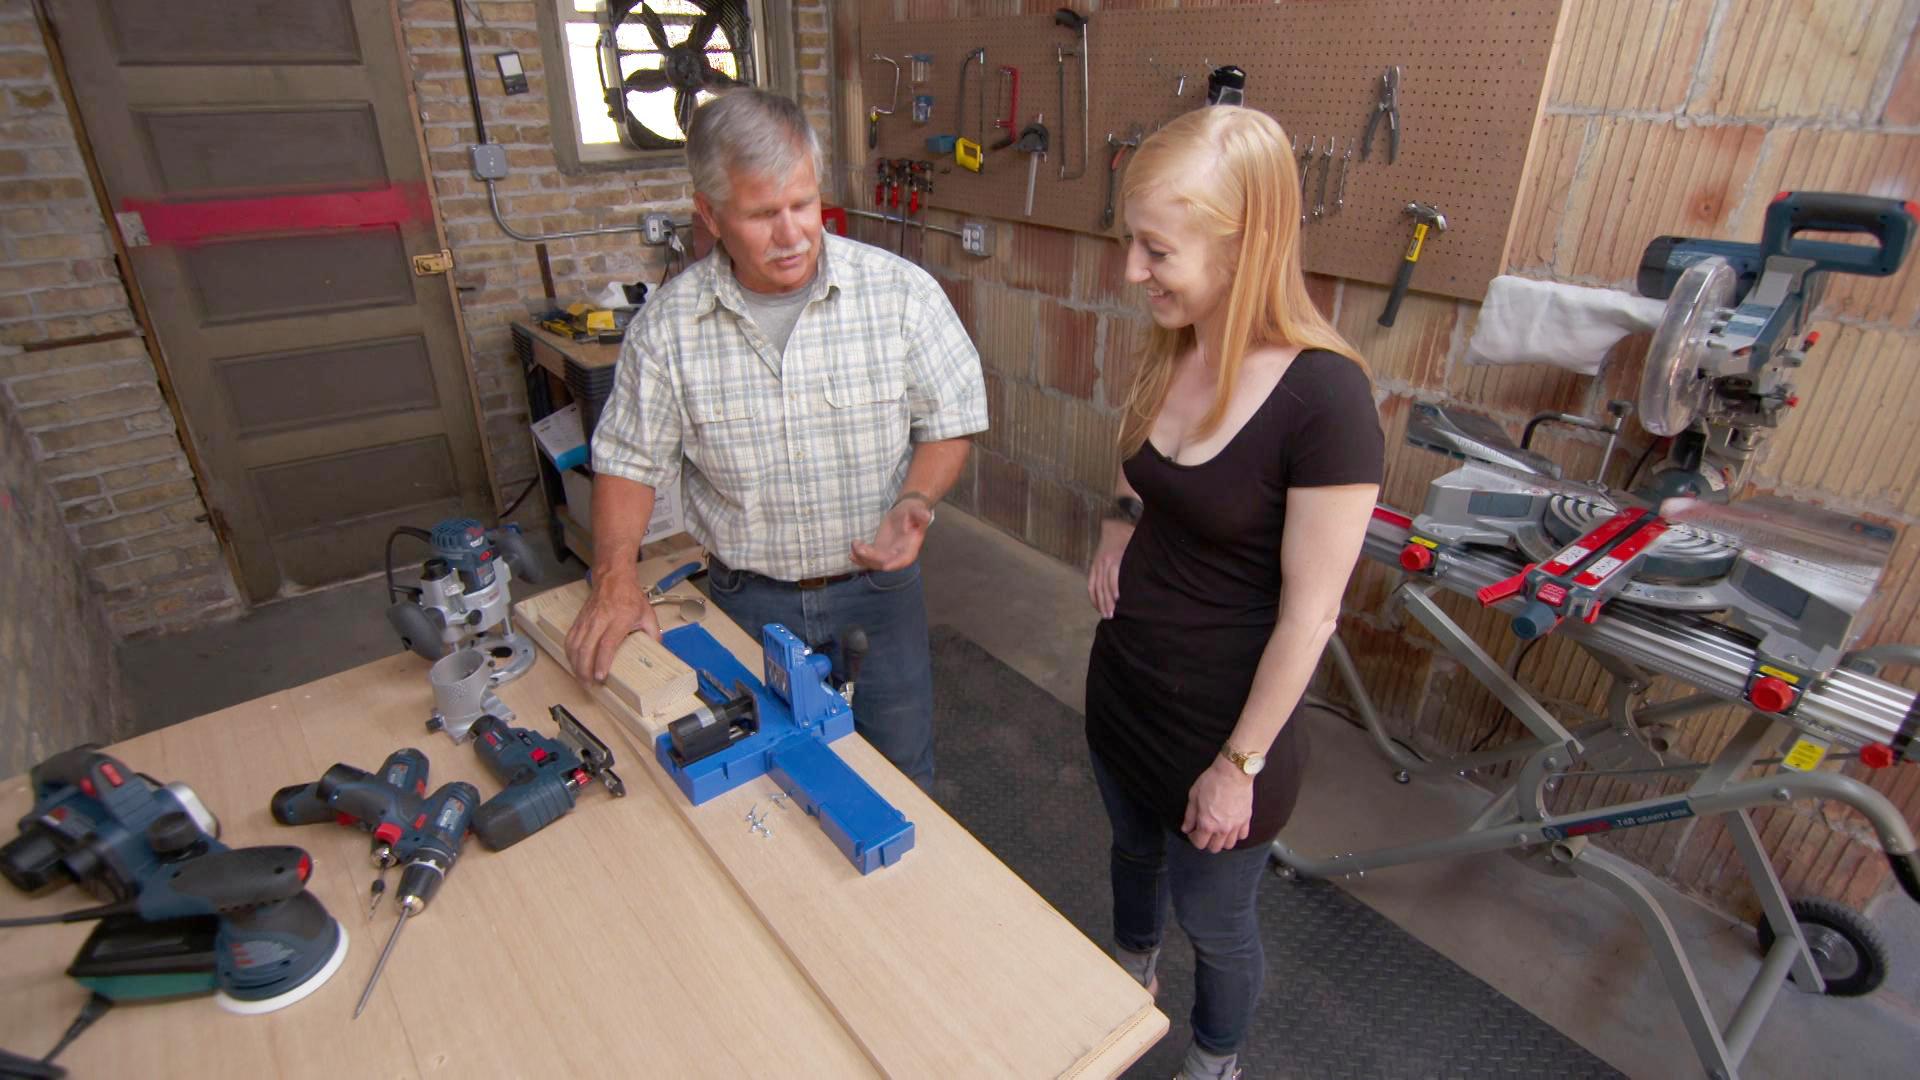 Tom Silva and homeowner build a garage workshop